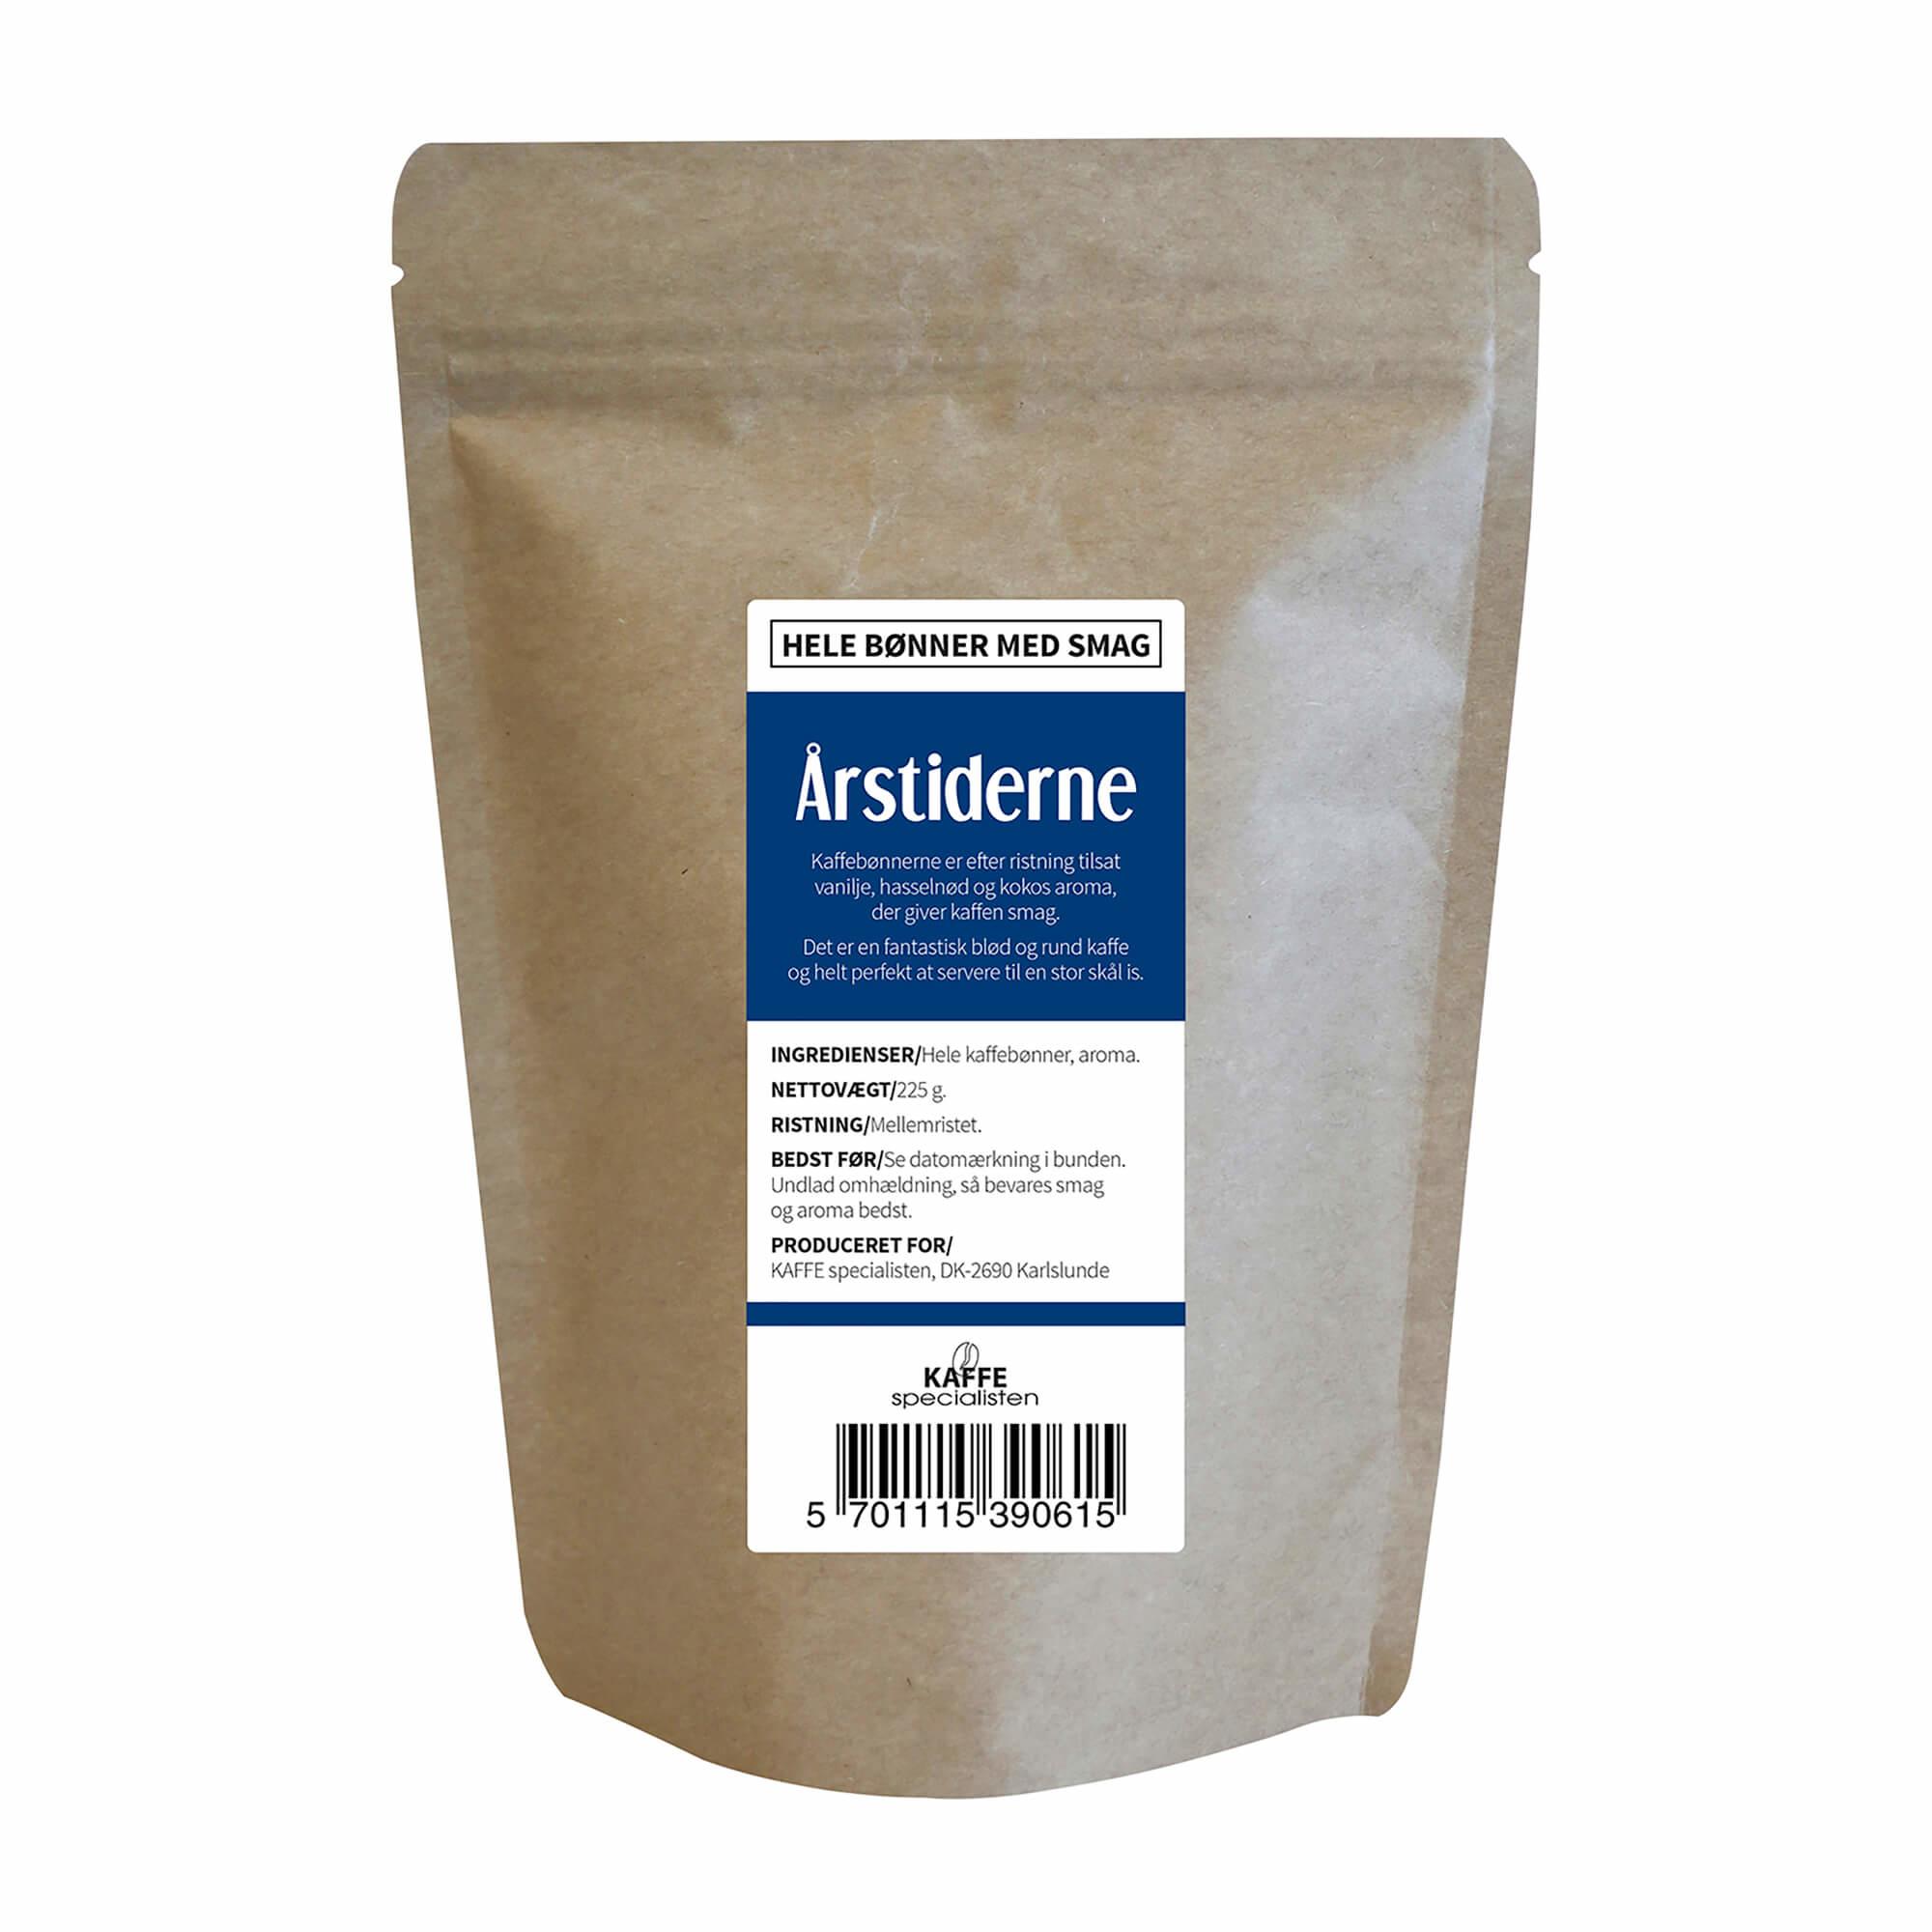 KAFFE Specialisten Kaffebønner Årstiderne Smag